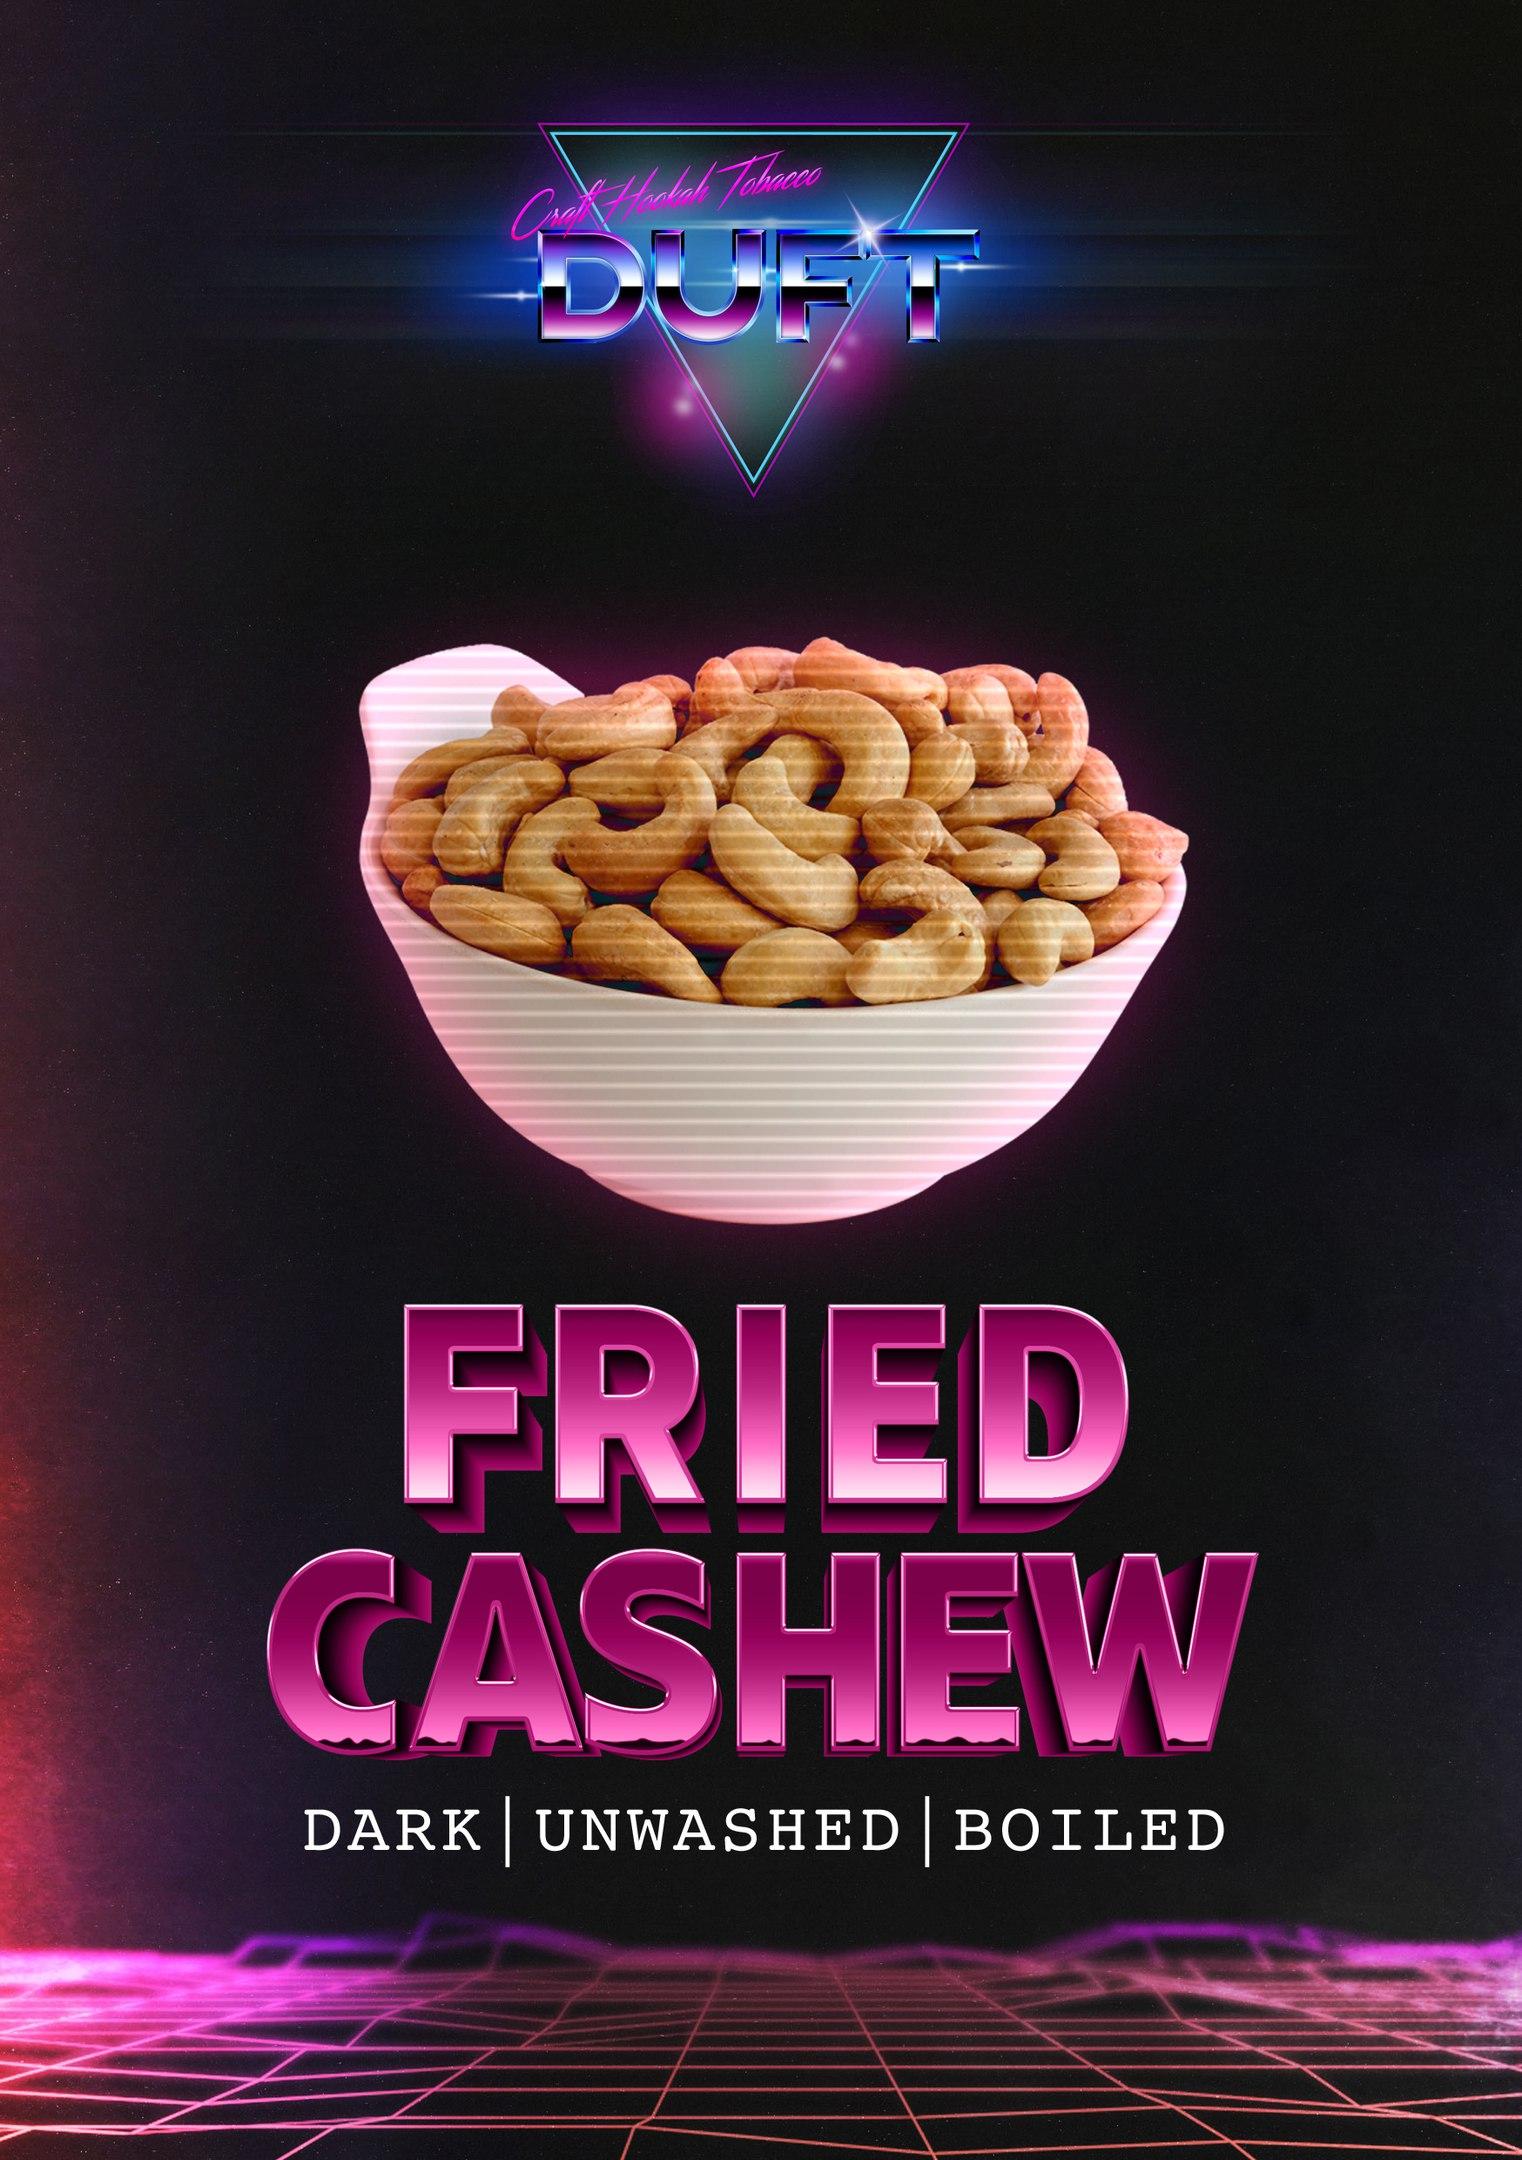 FRIED CASHEW